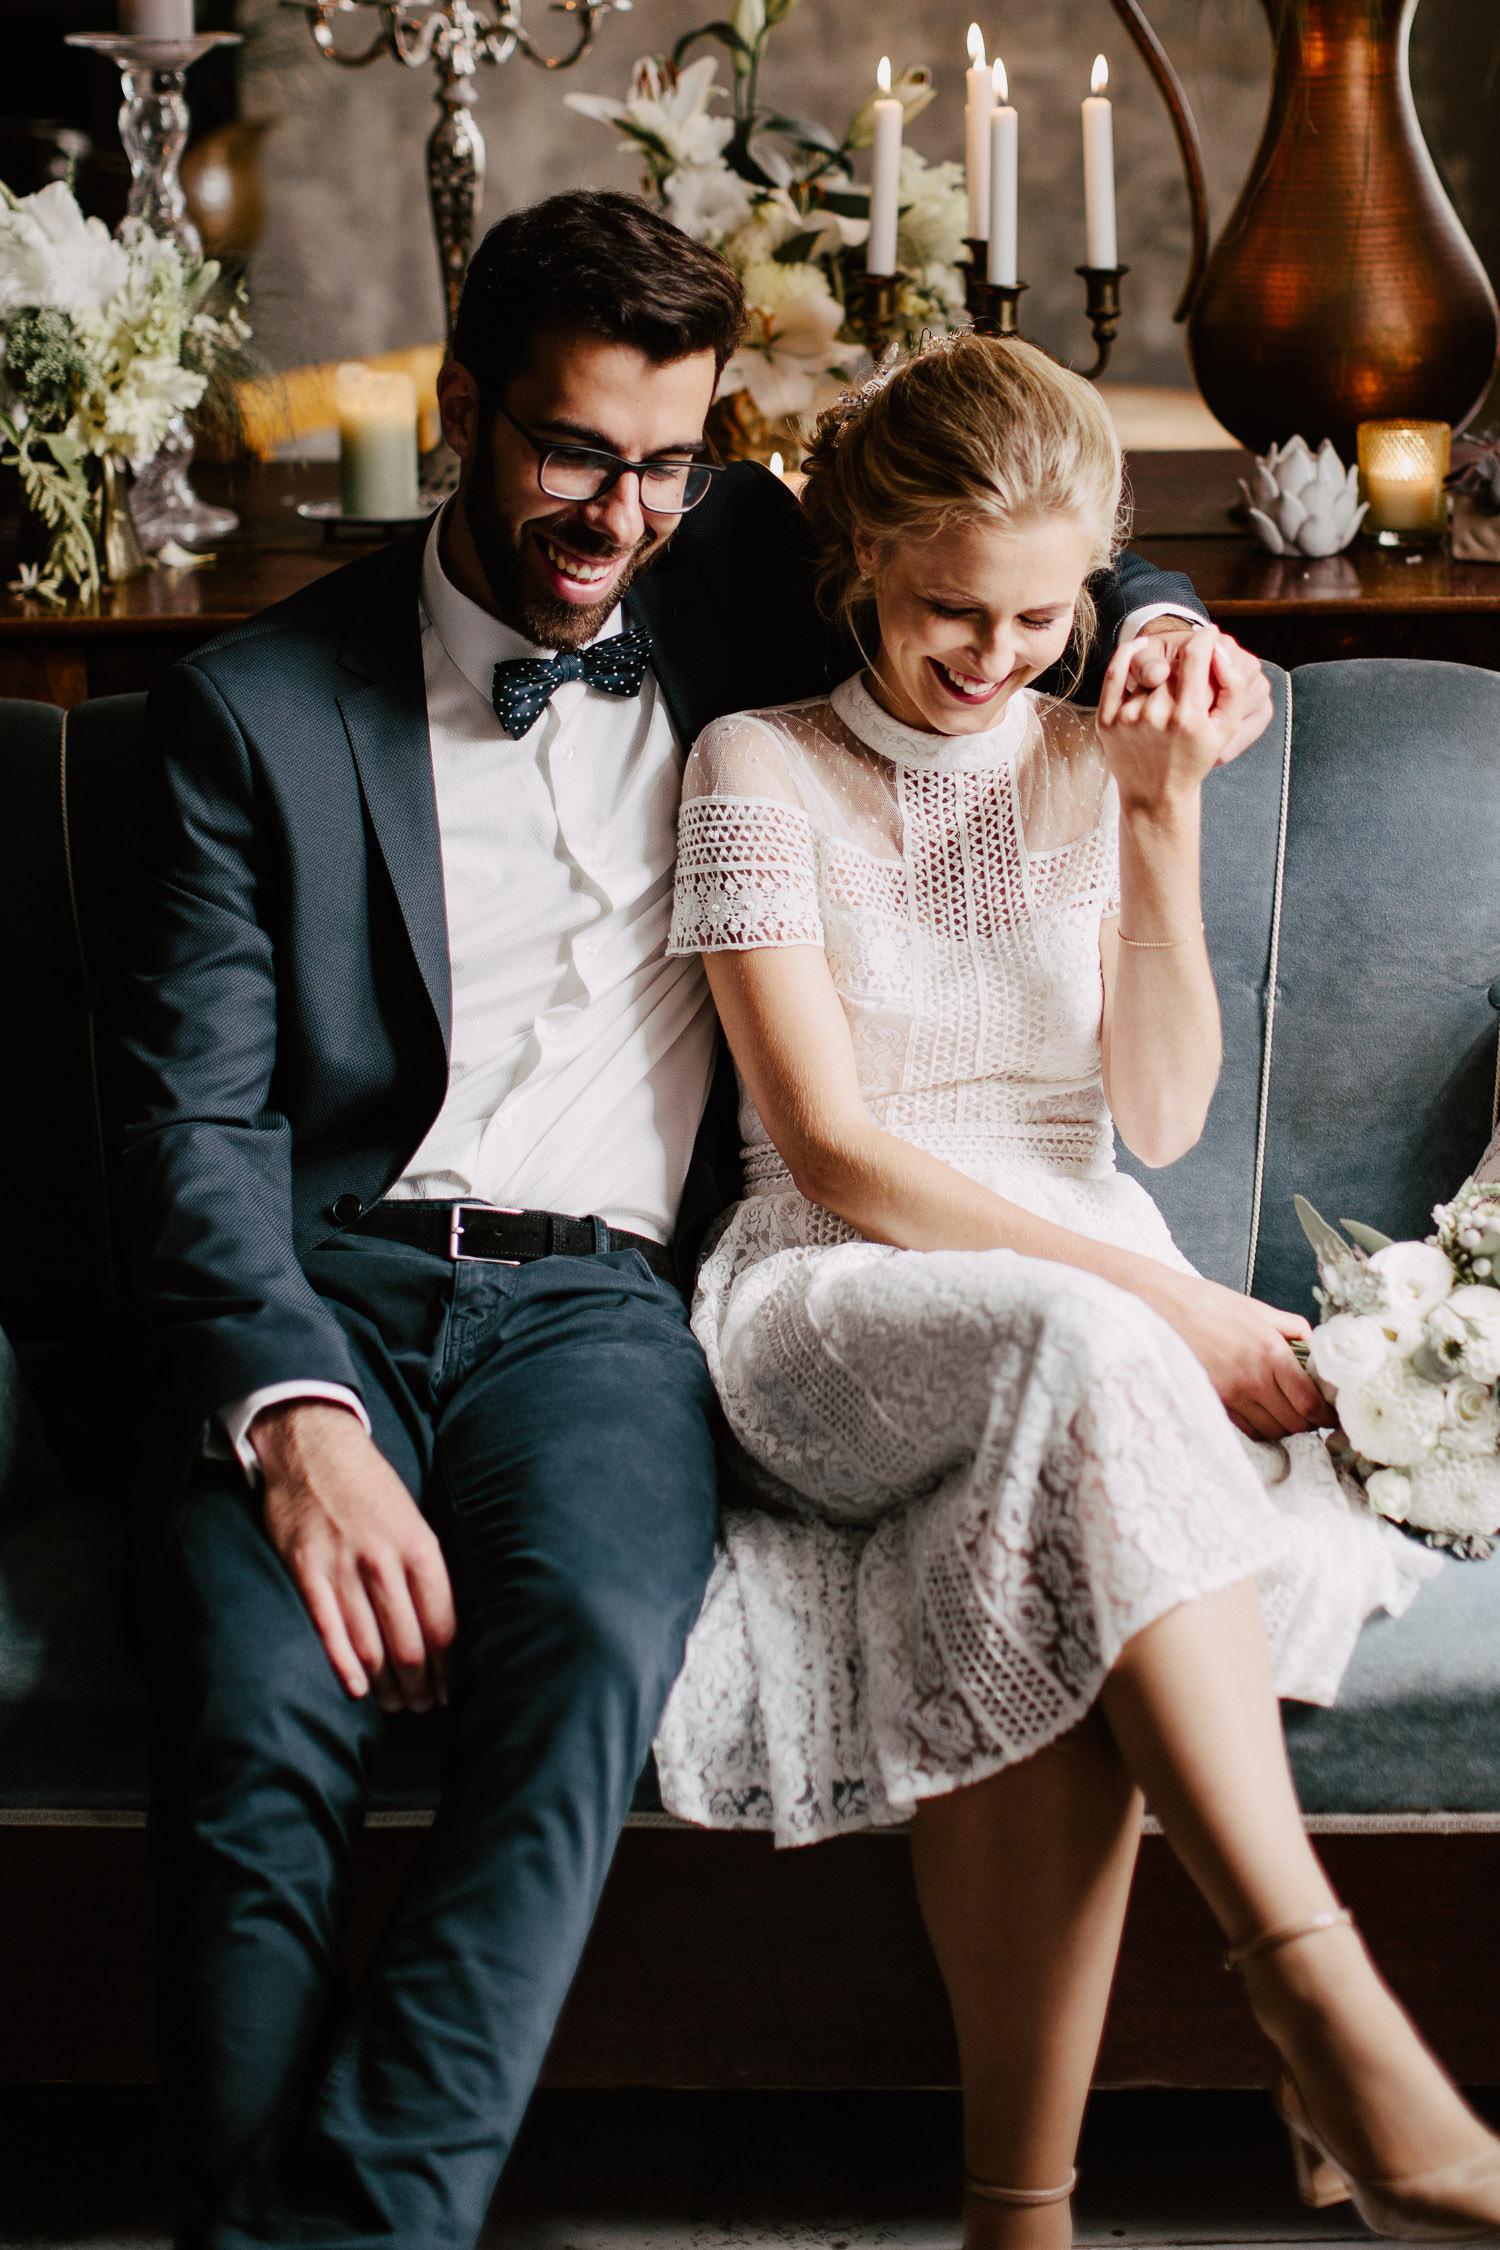 kāzu fotosesija abgunstes muiža